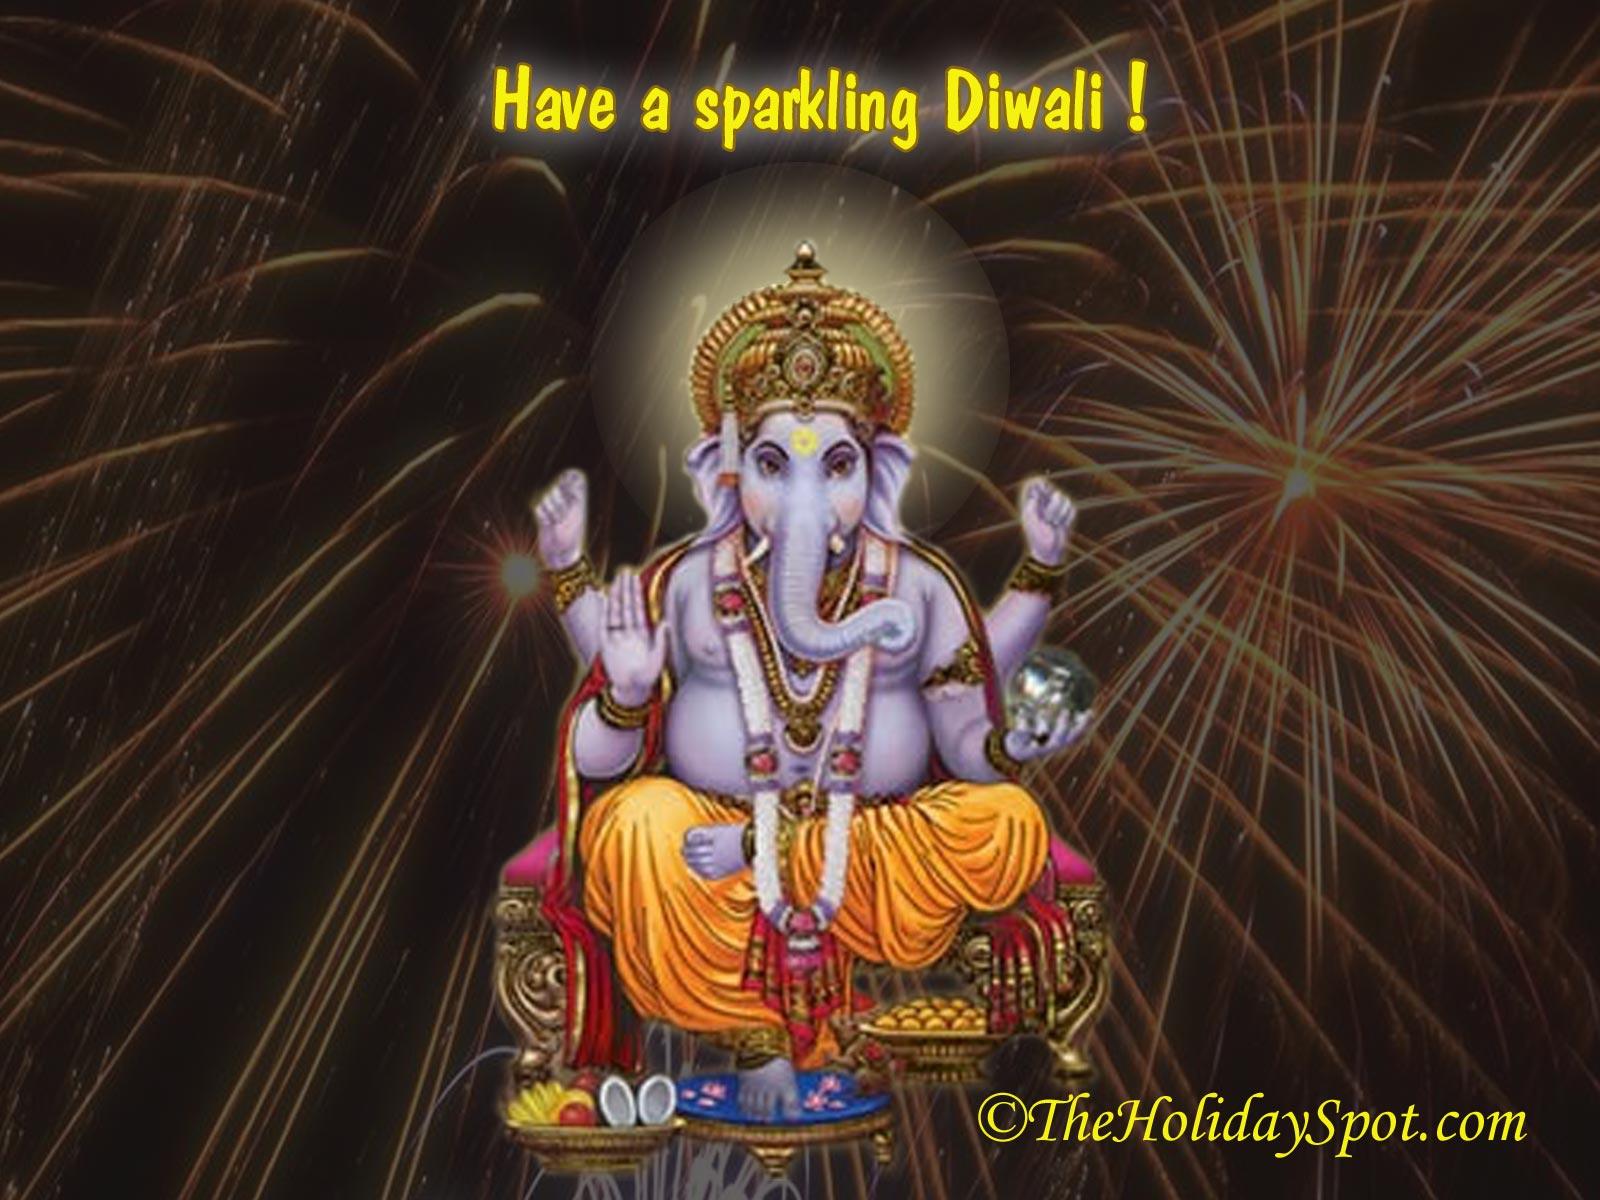 Diwali Hd Wallpaper Download Bhagwan Ji Help Me Happy Diwali Greetings Amp Depawali